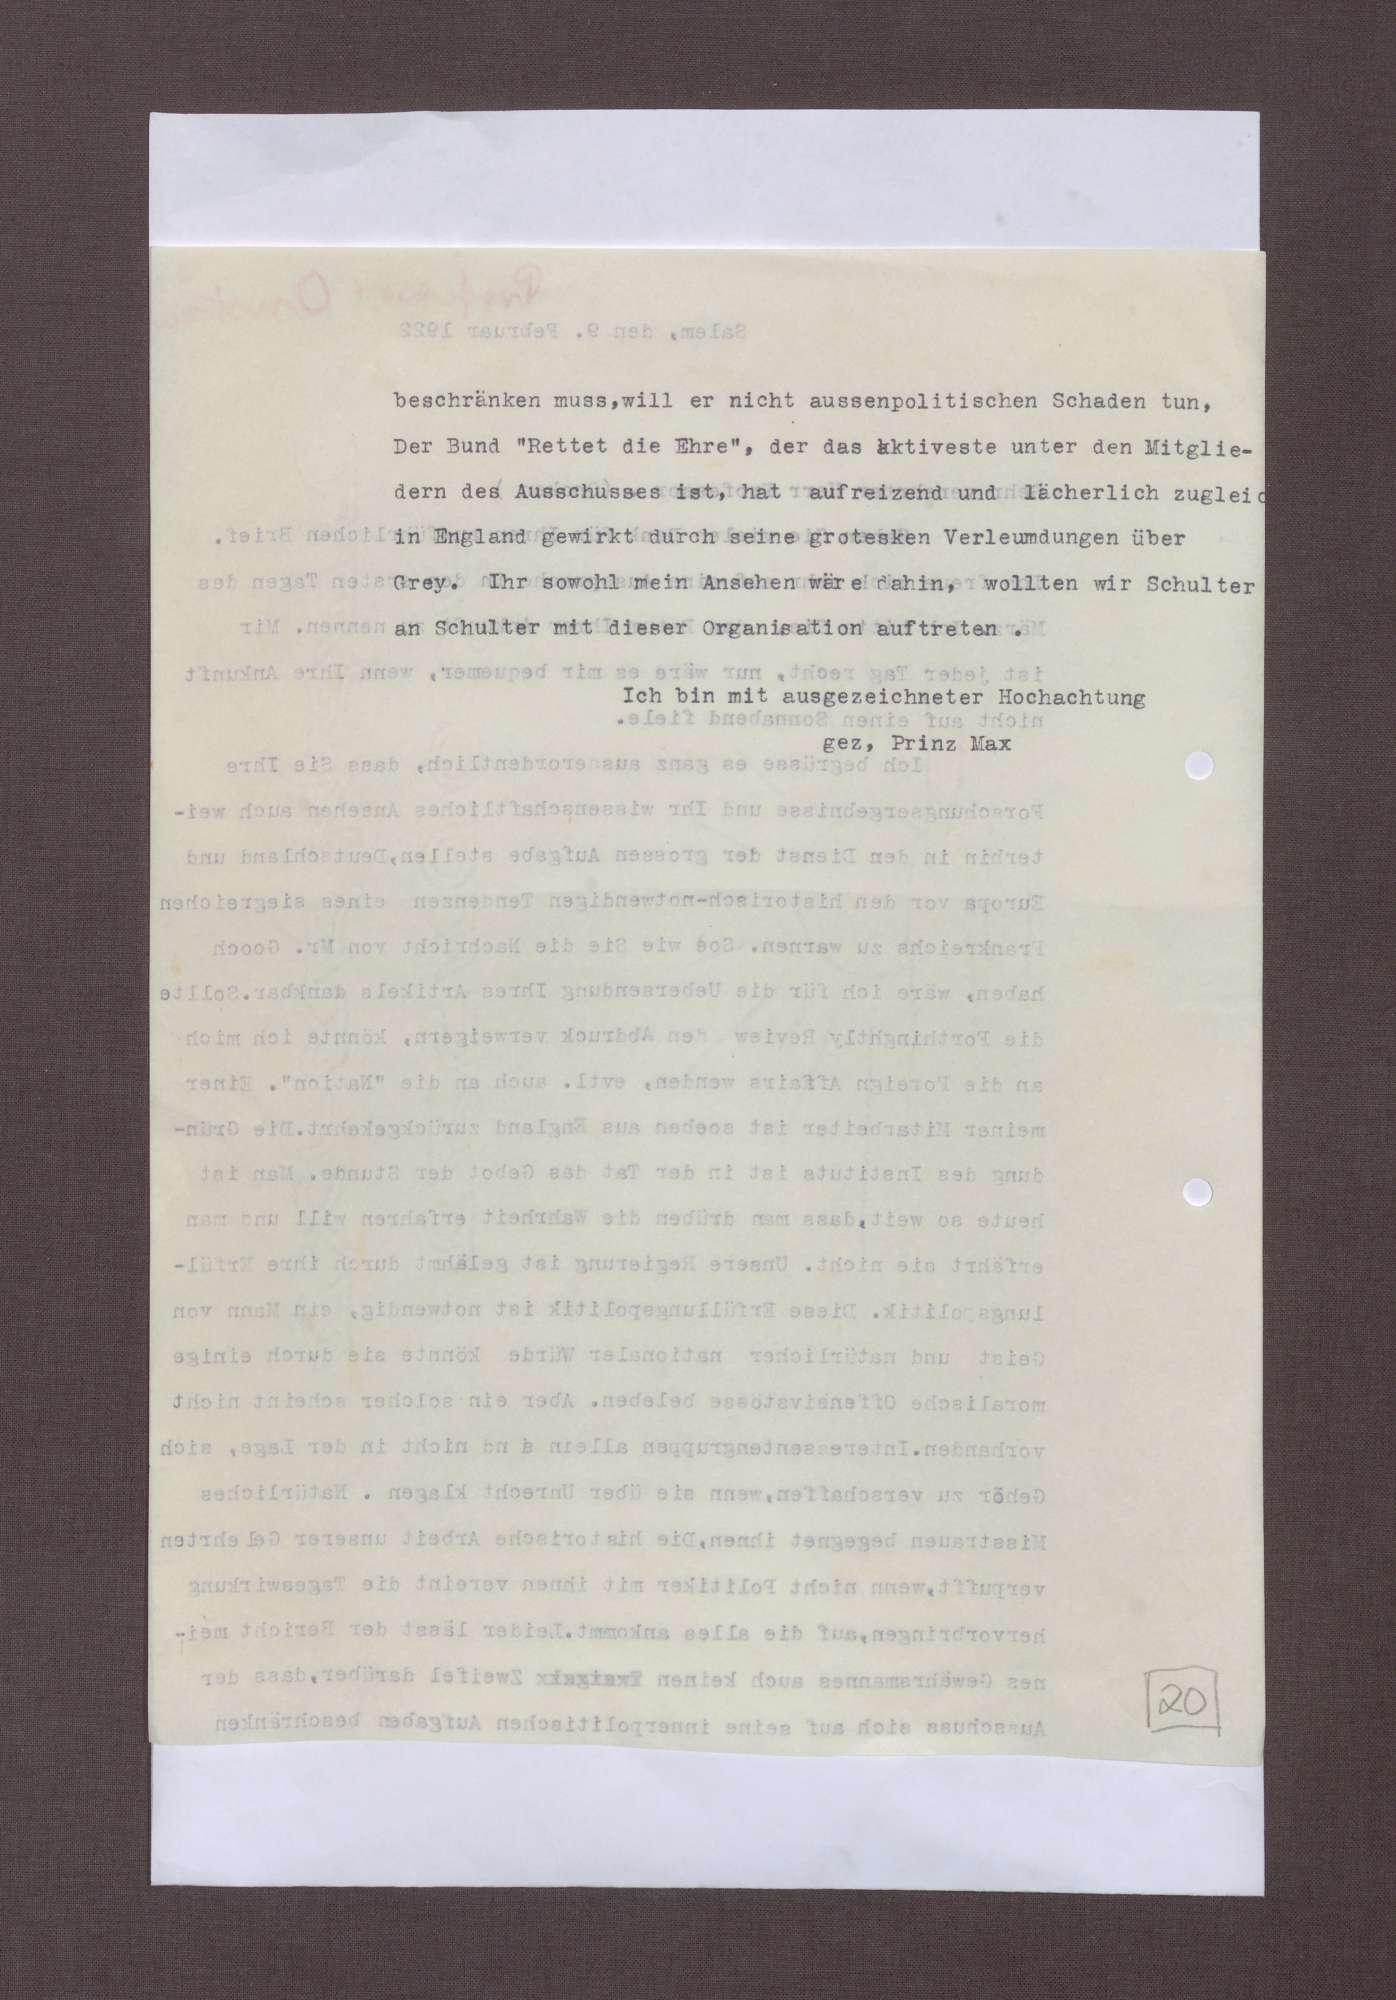 Schreiben von Prinz Max von Baden an Hermann Oncken; Notwendigkeit, ein siegreiches Frankreich zu verhindern und Kritik an der Erfüllungspolitik der Reichsregierung Wirth, Bild 2